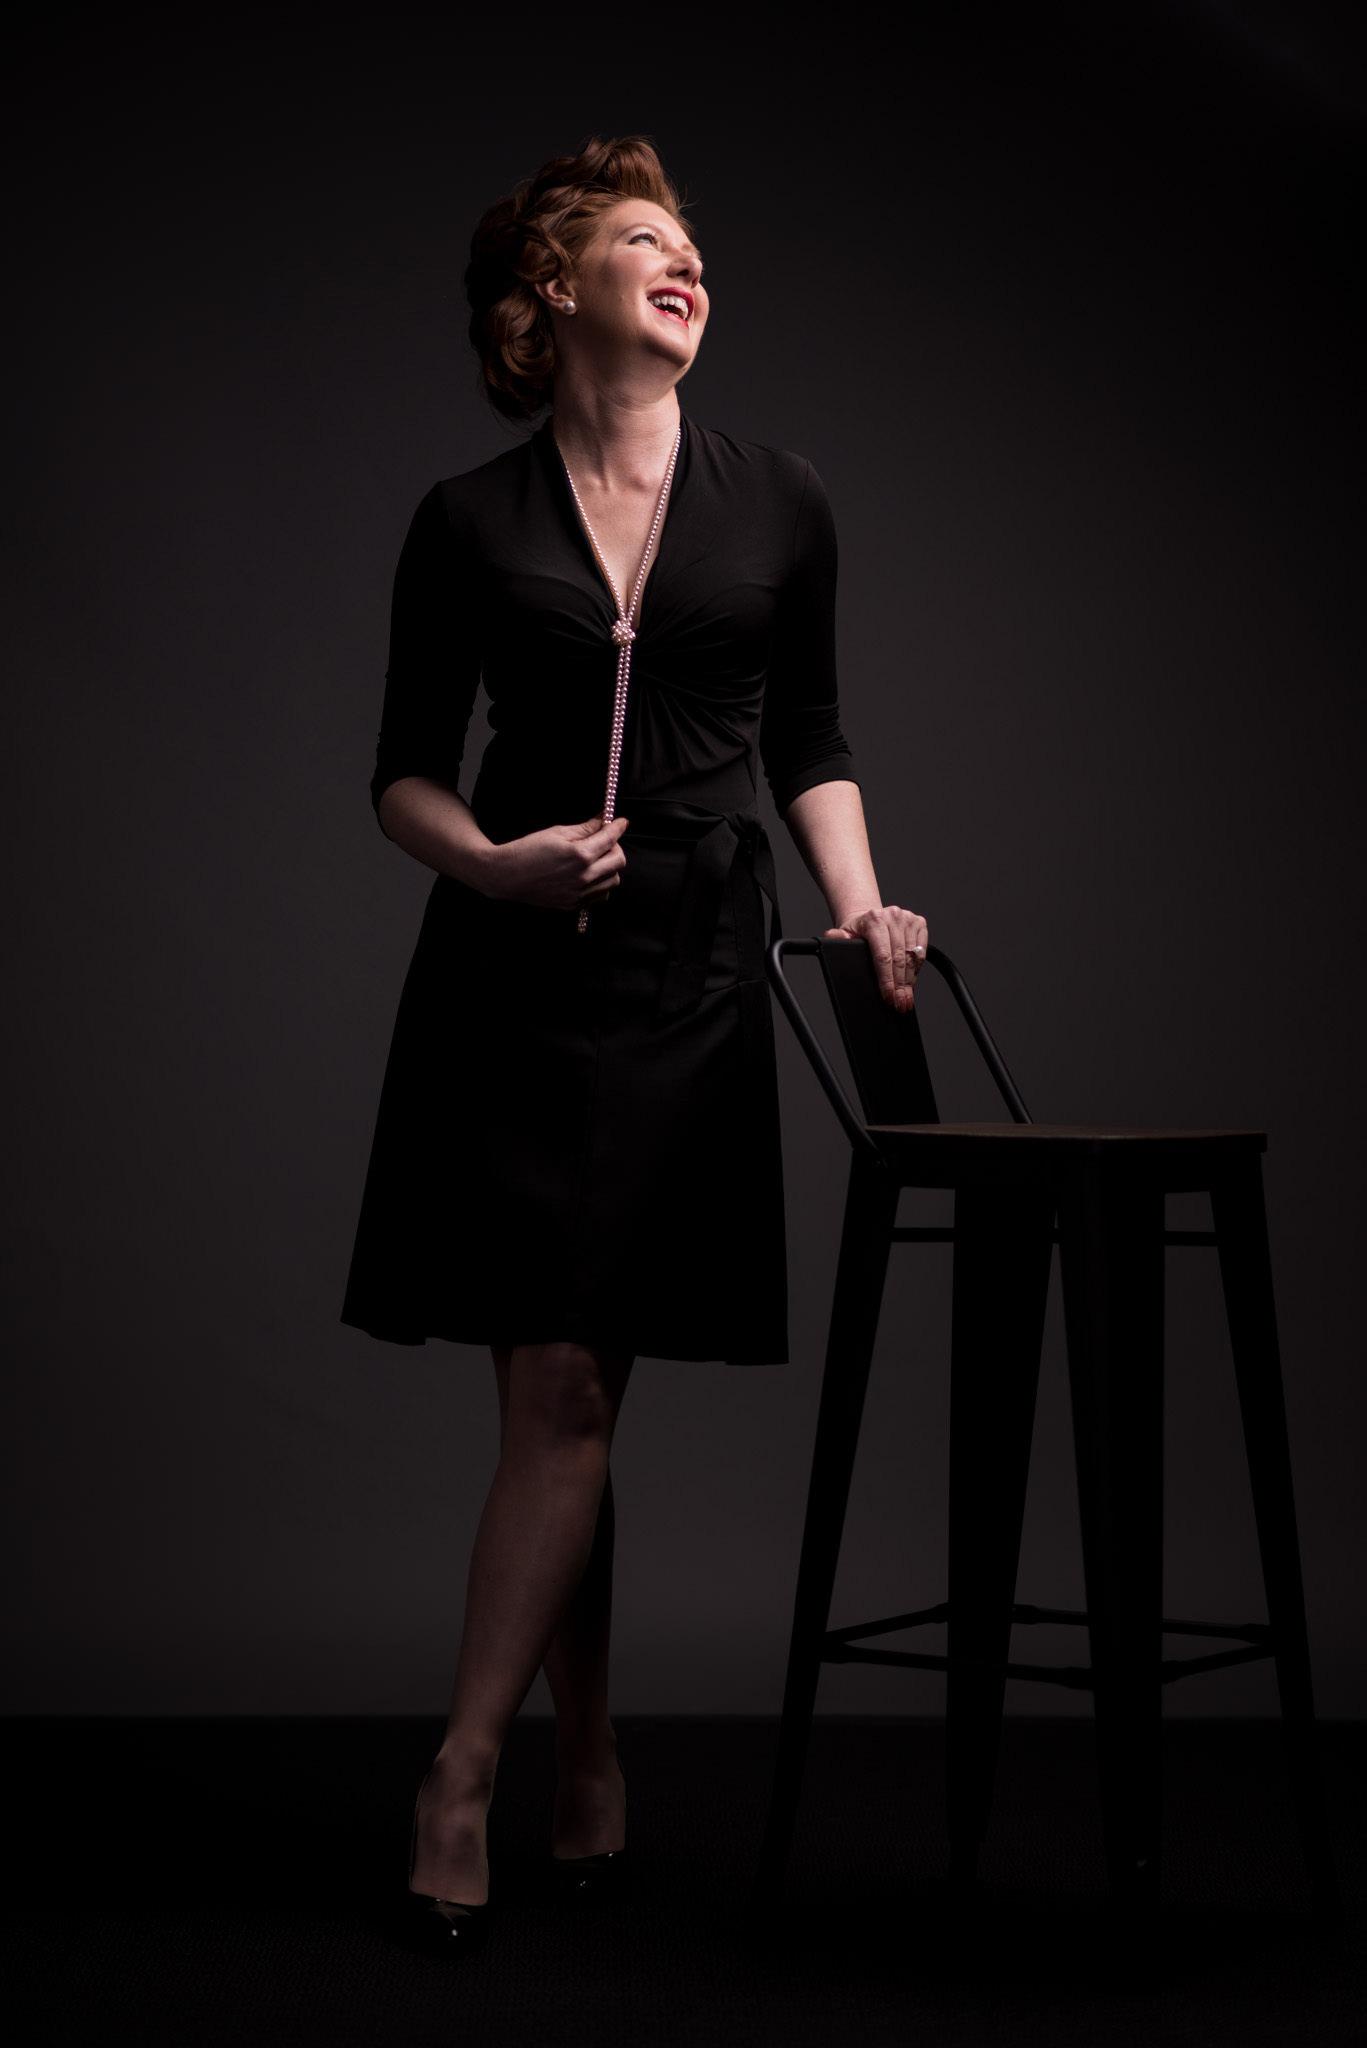 Calgary Headshot Photographer